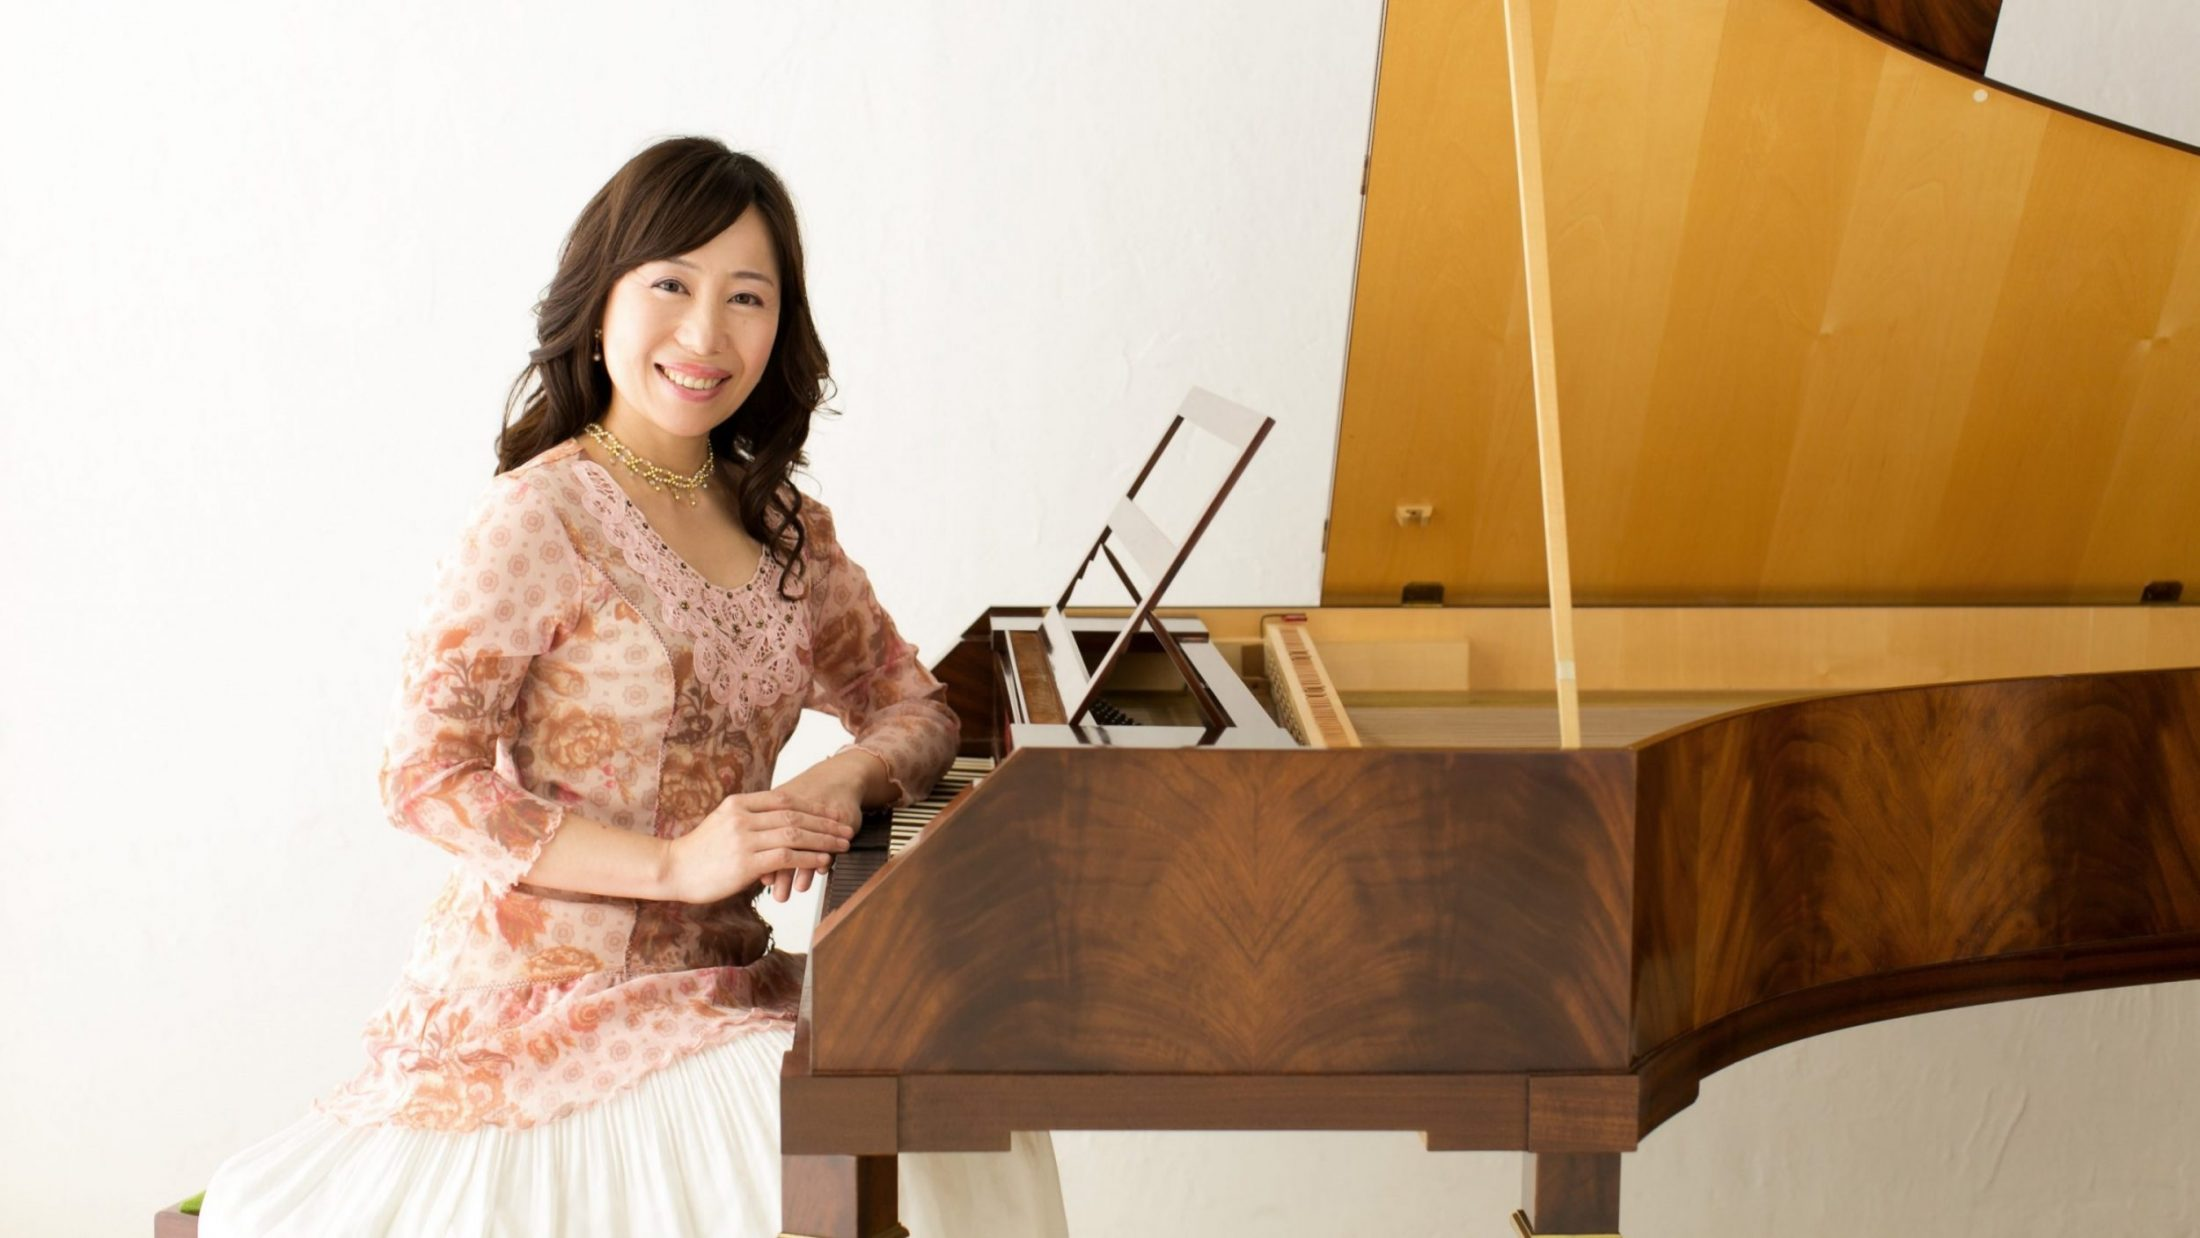 【新任教員紹介シリーズ Vol.13】小倉 貴久子先生(ピアノ・フォルテピアノ)